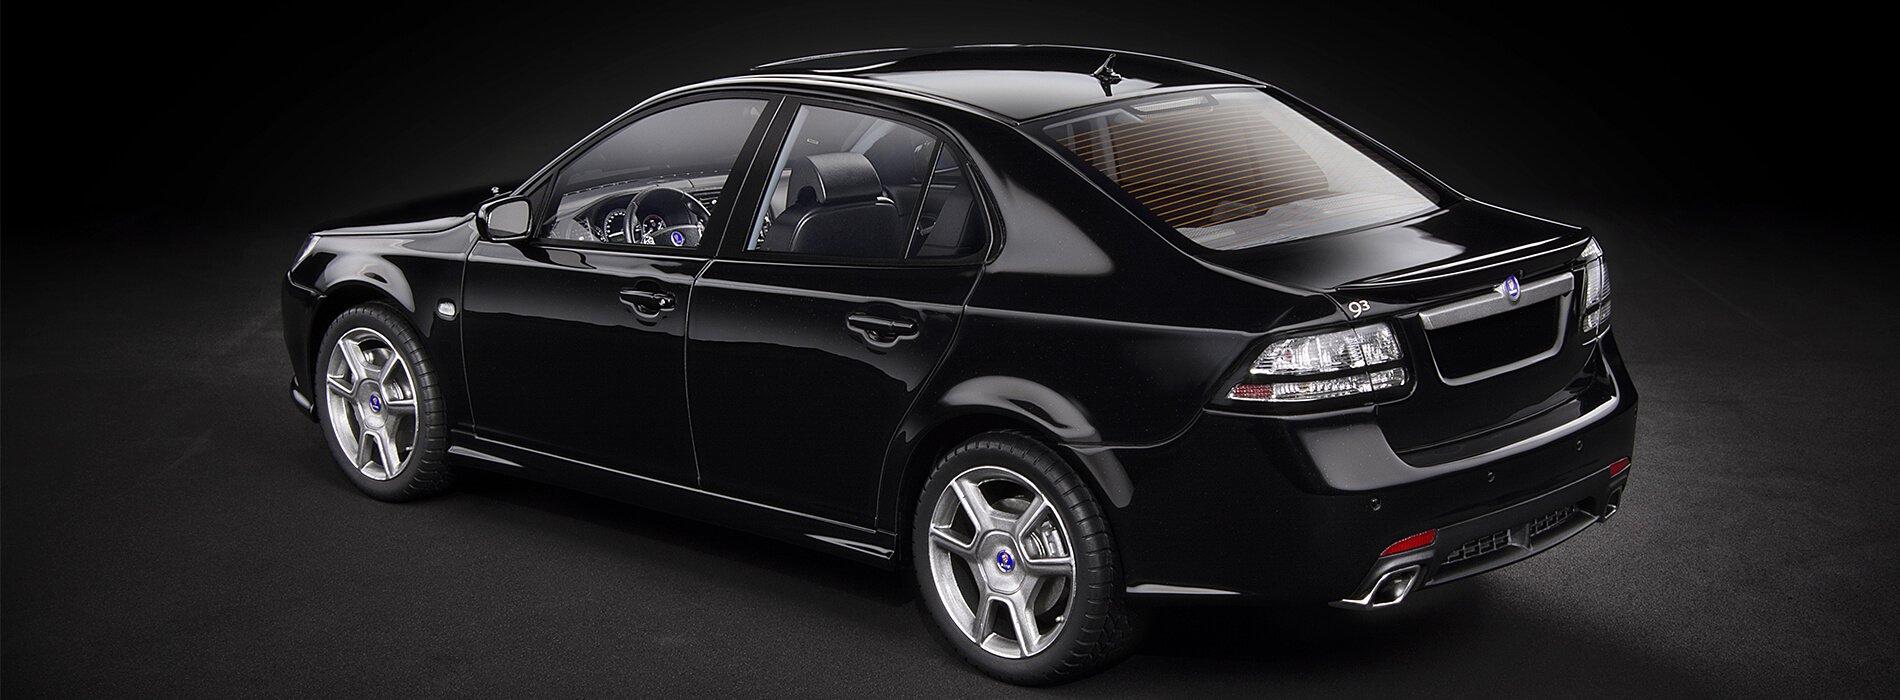 Saab 9-3 TurboX